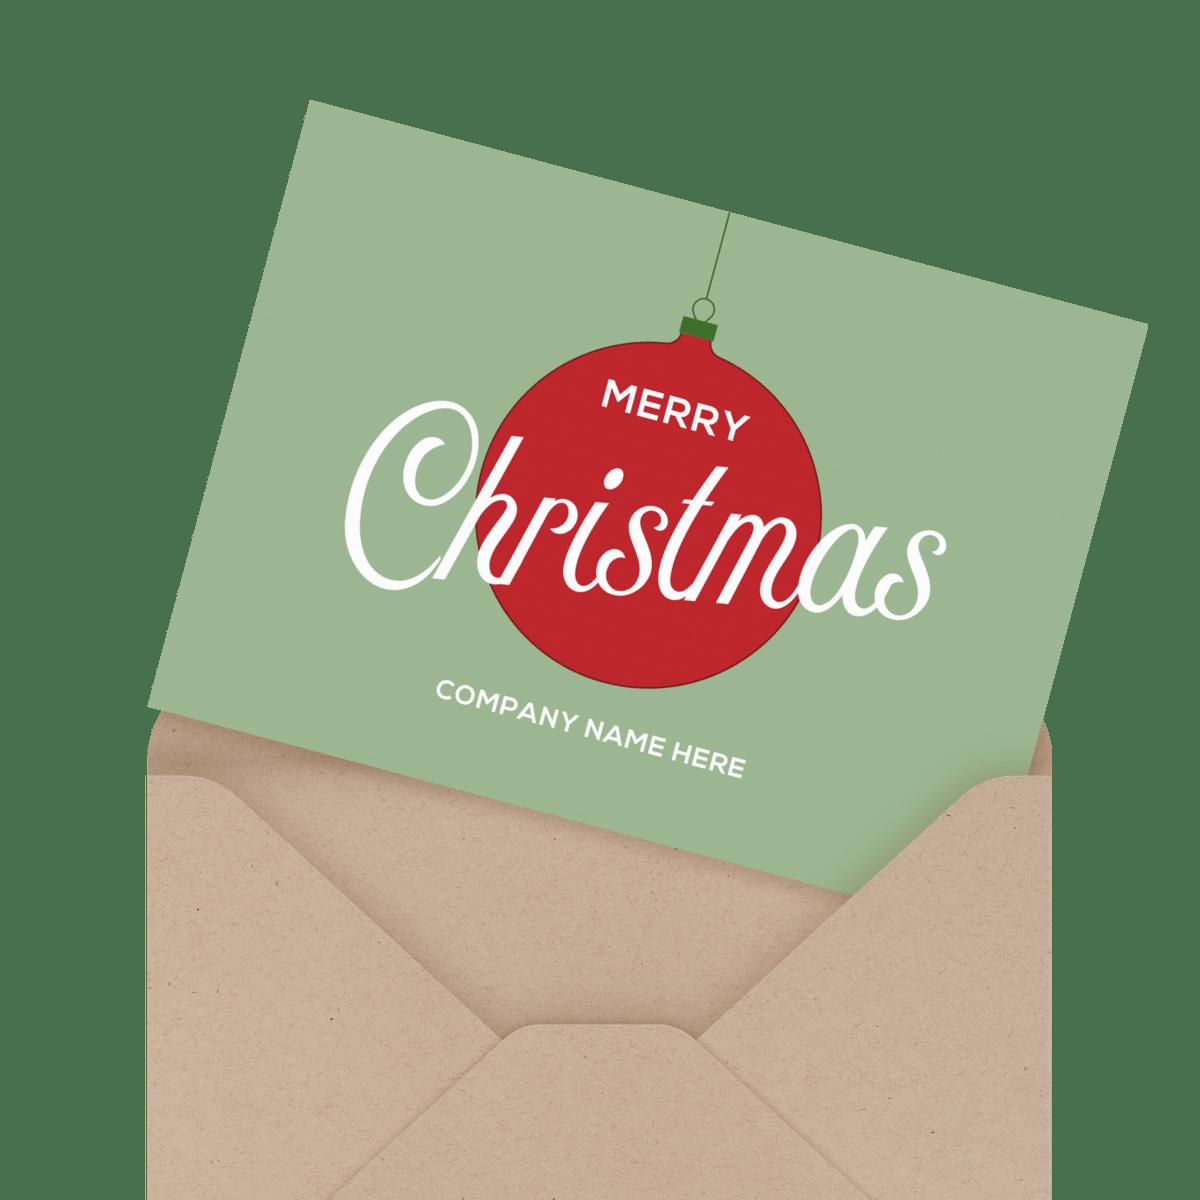 ornament company holiday card